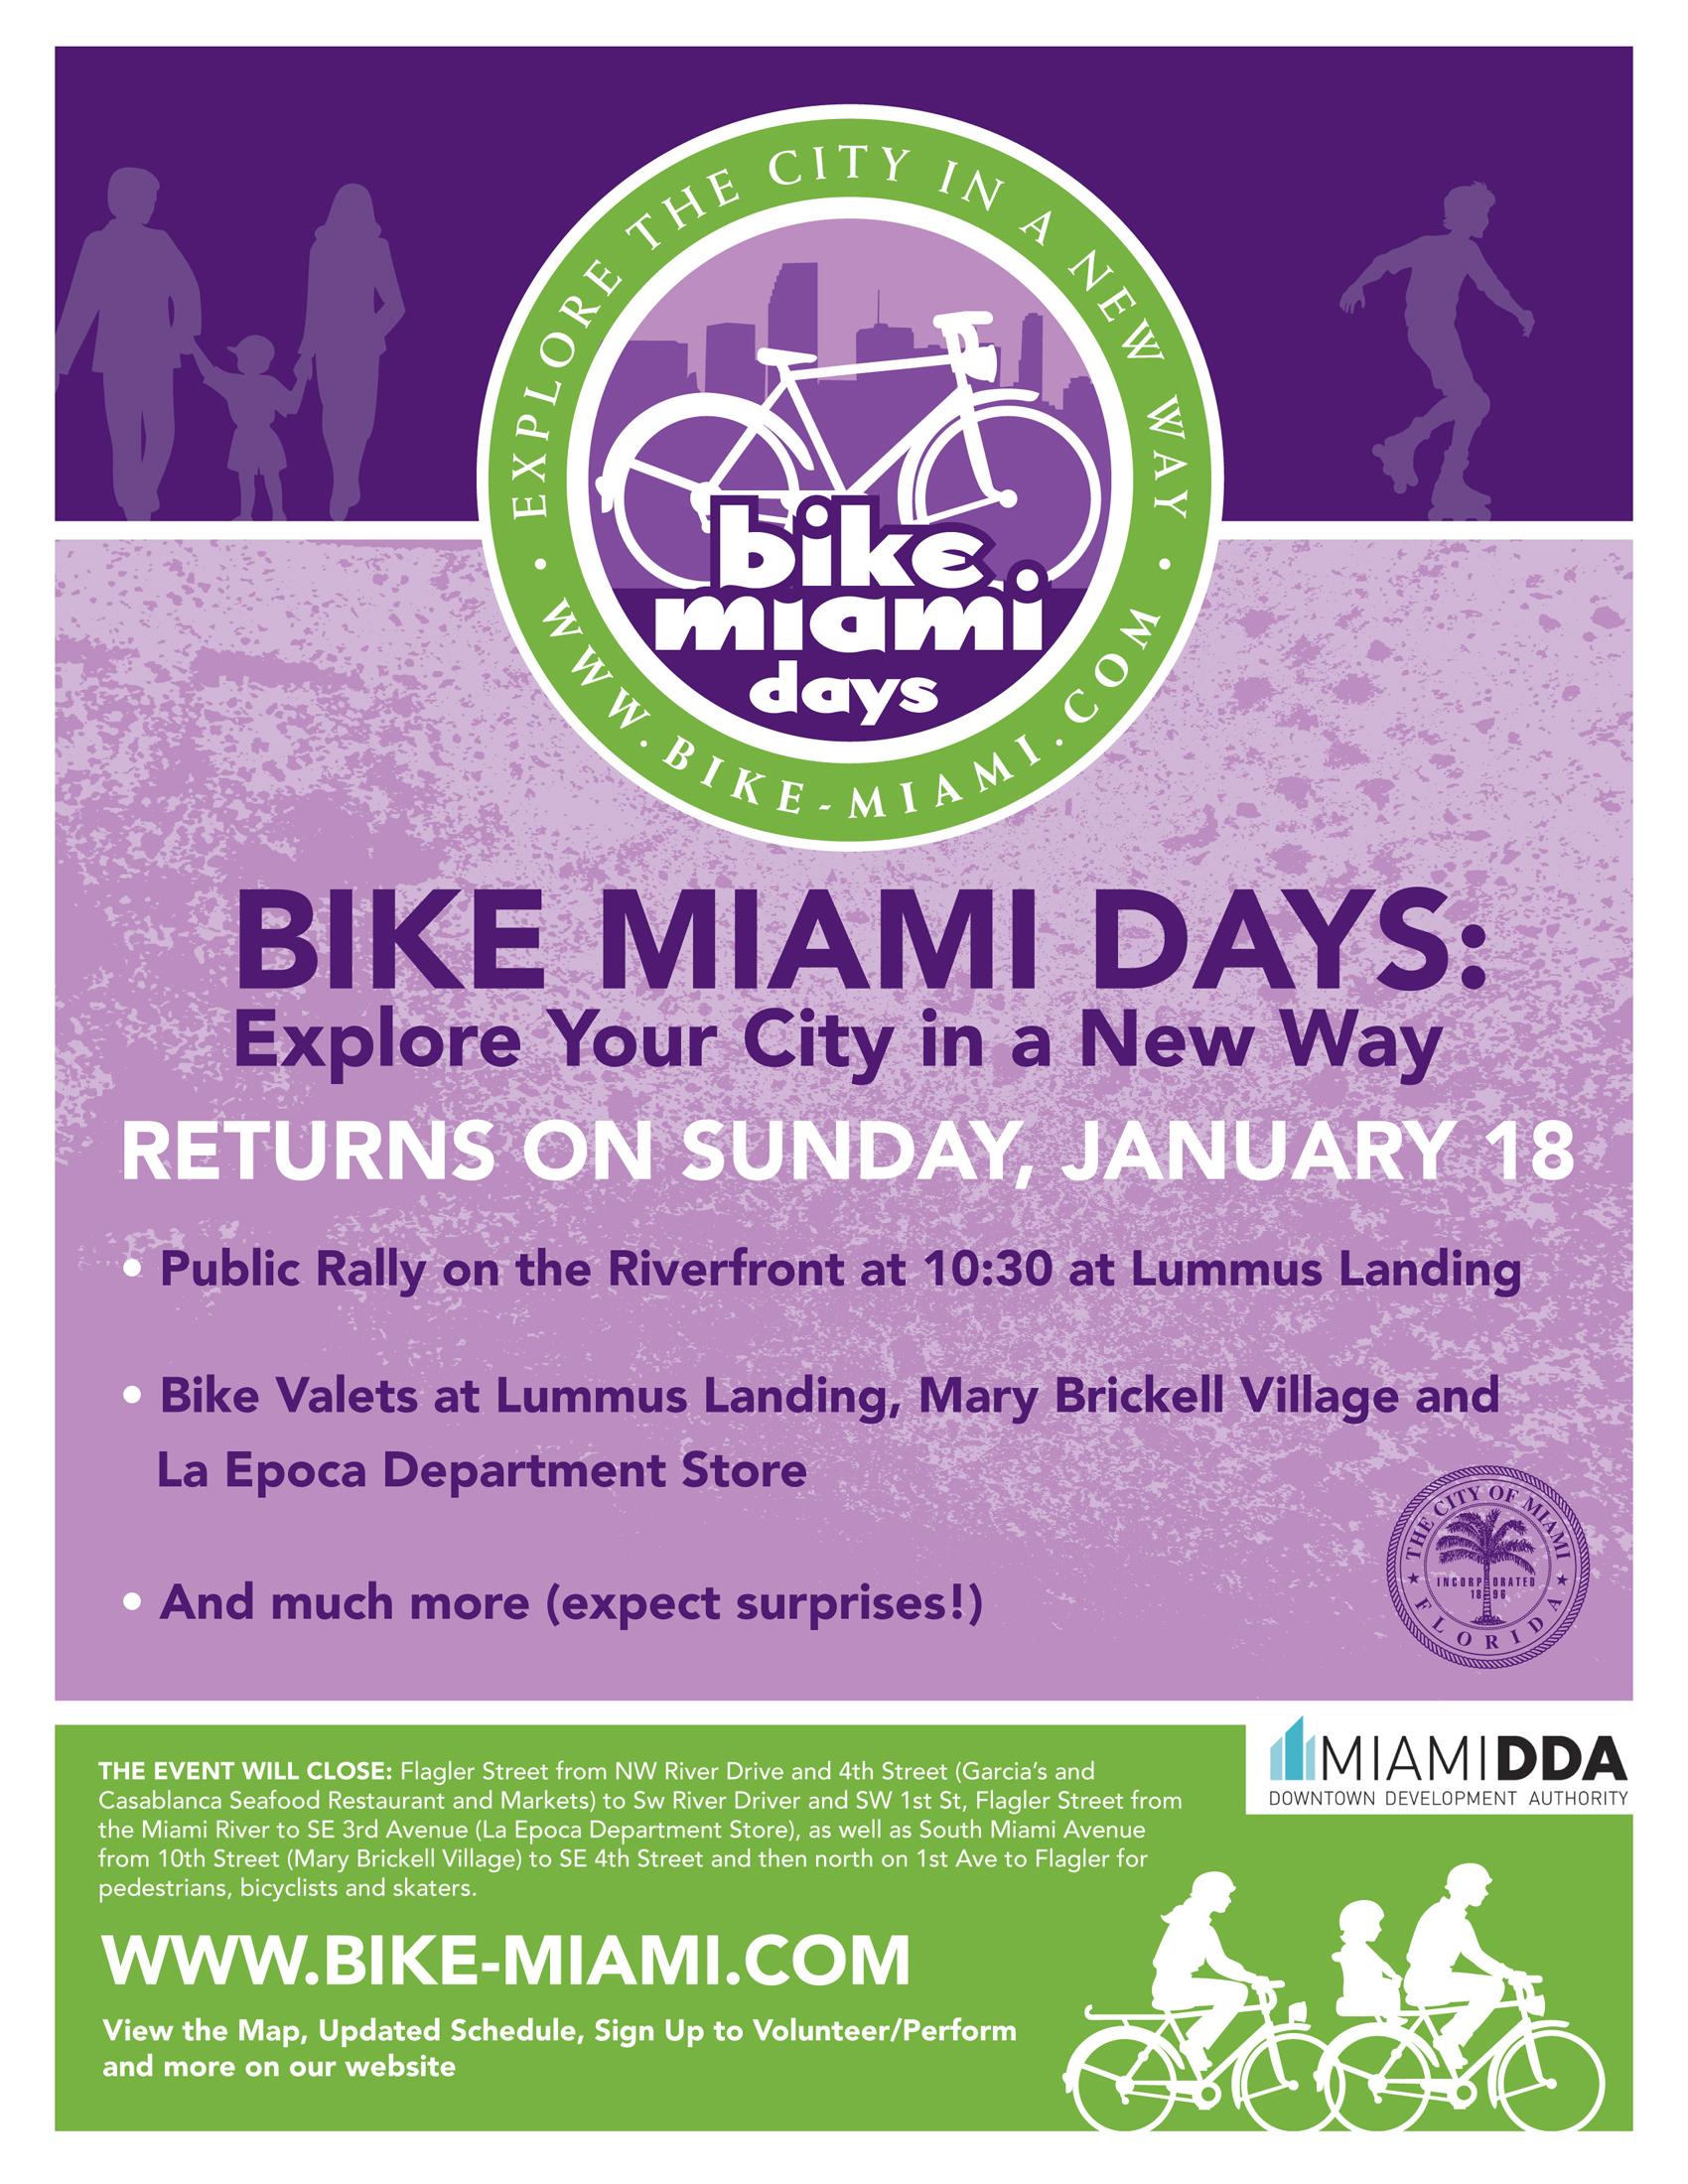 Bike Miami flyer final 09 Version 2